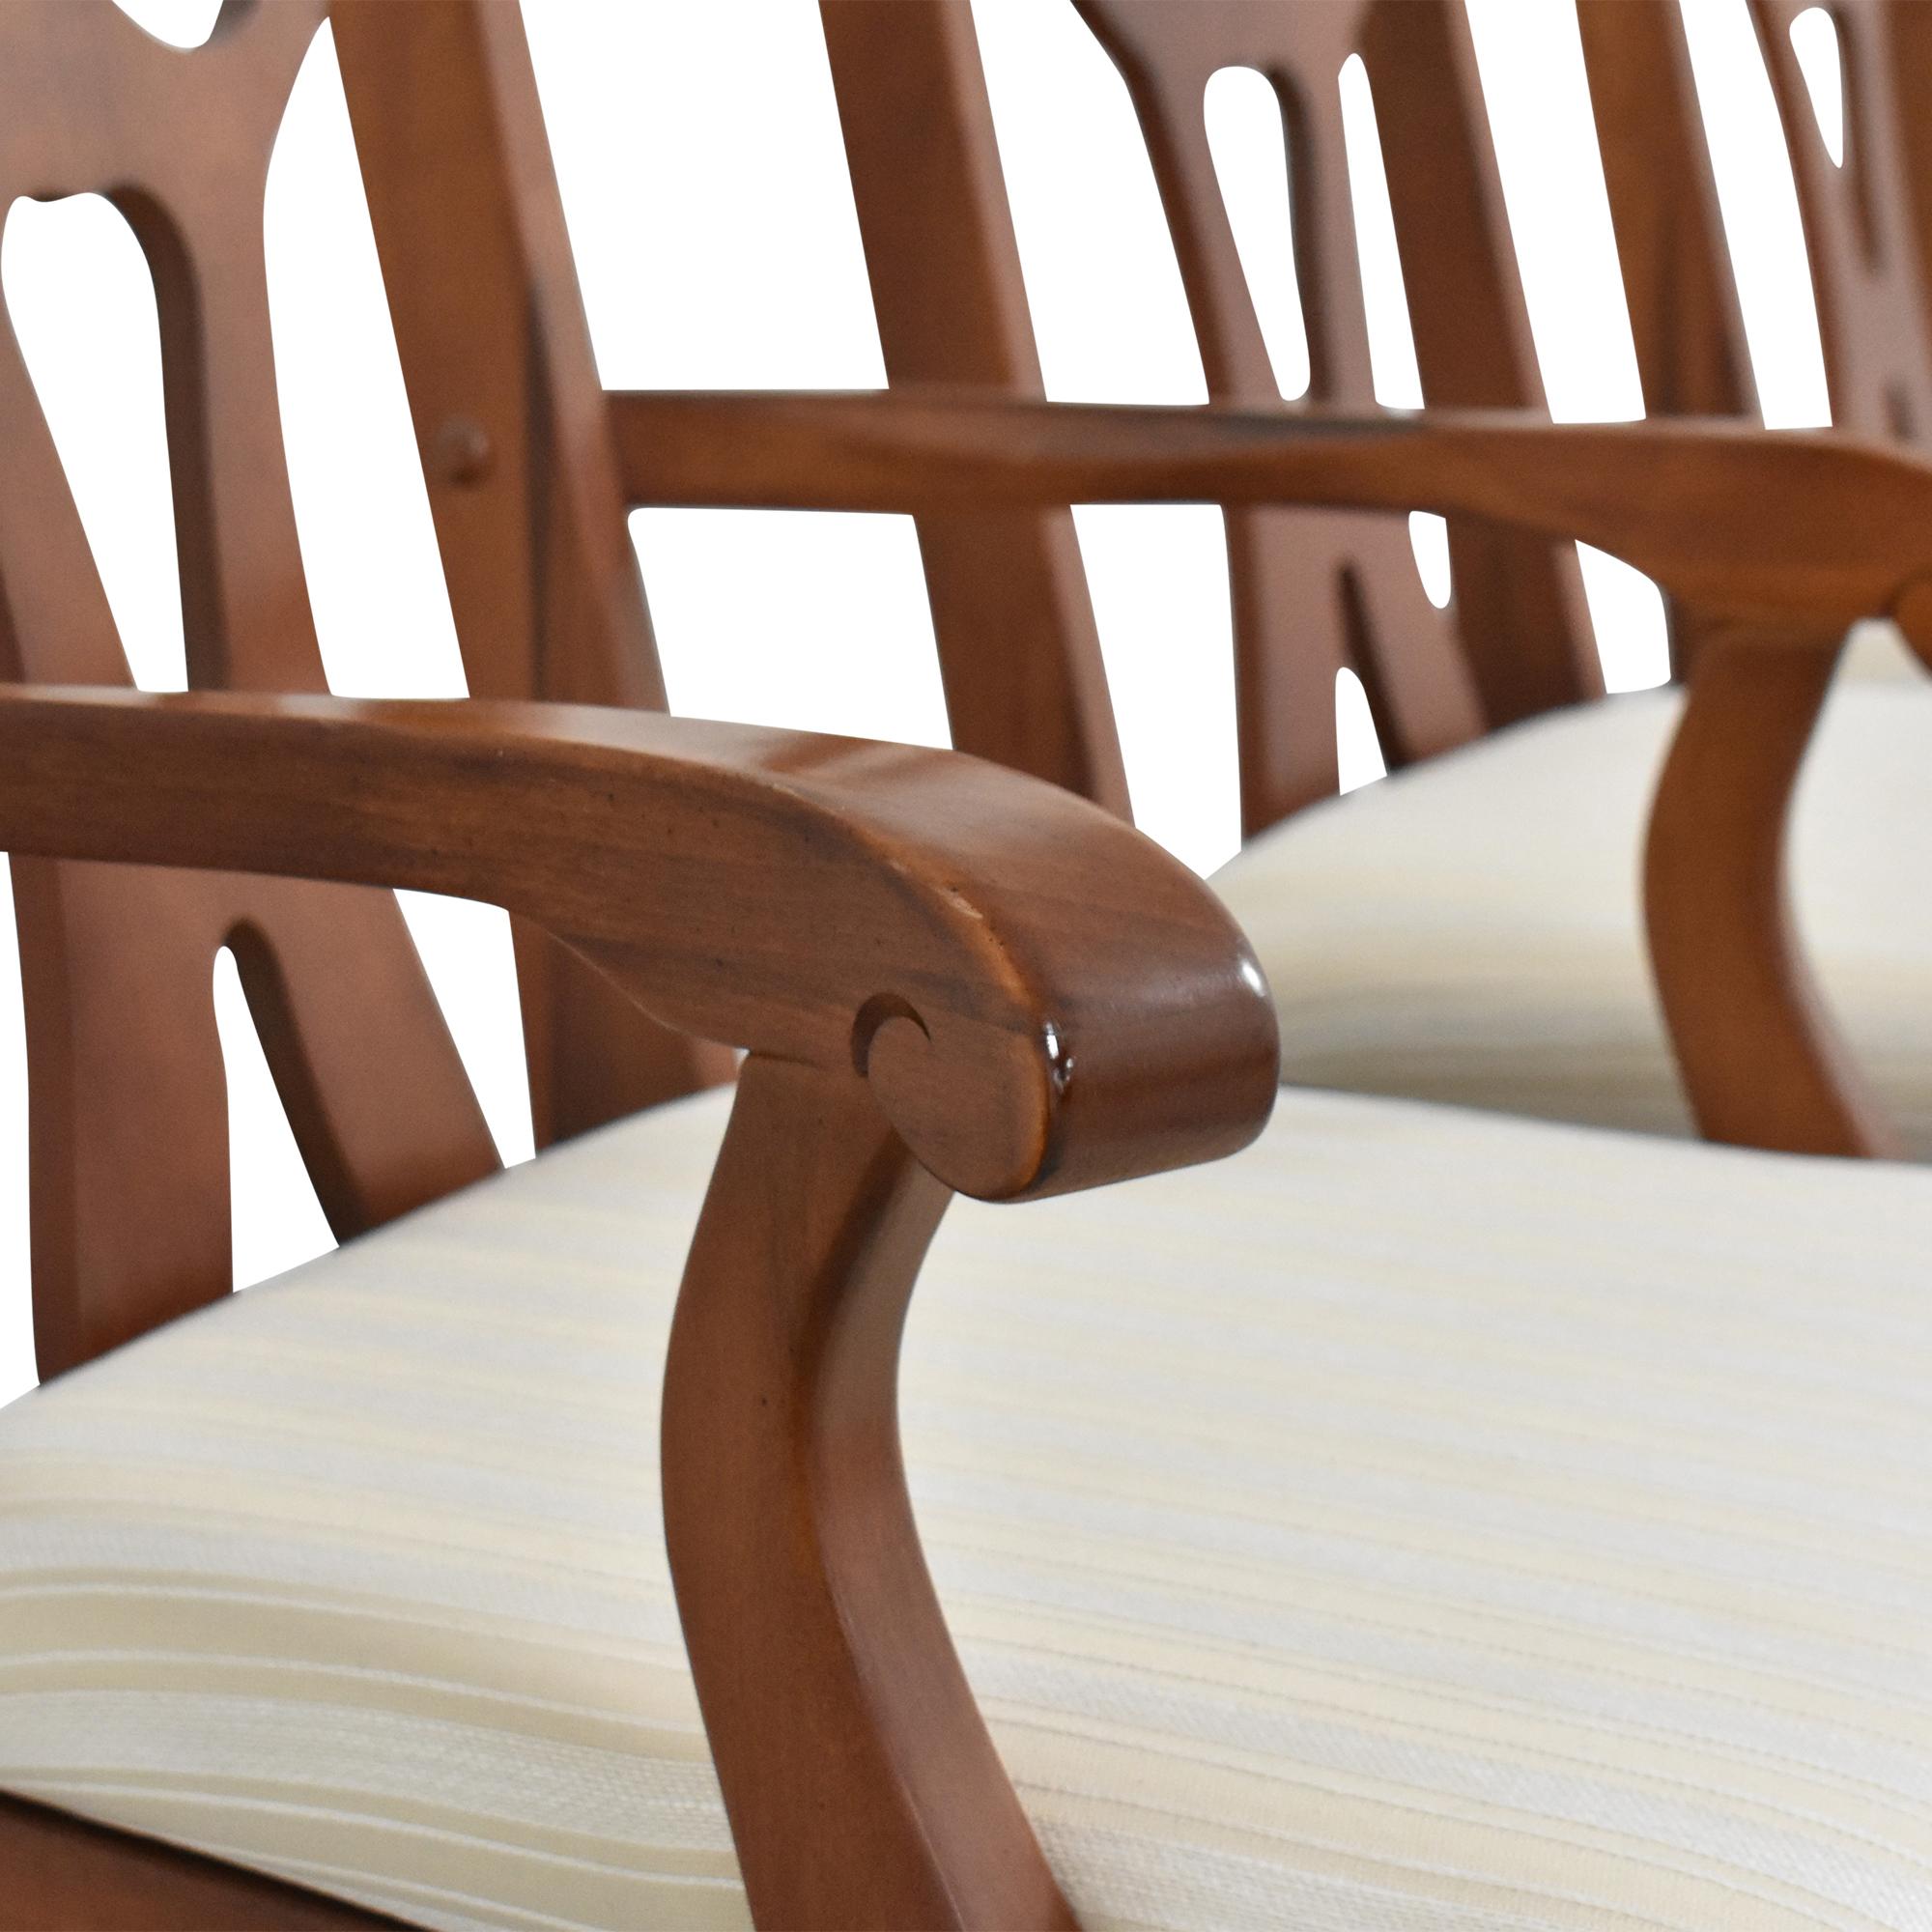 buy Bassett Furniture Upholstered Dining Chairs Bassett Furniture Dining Chairs